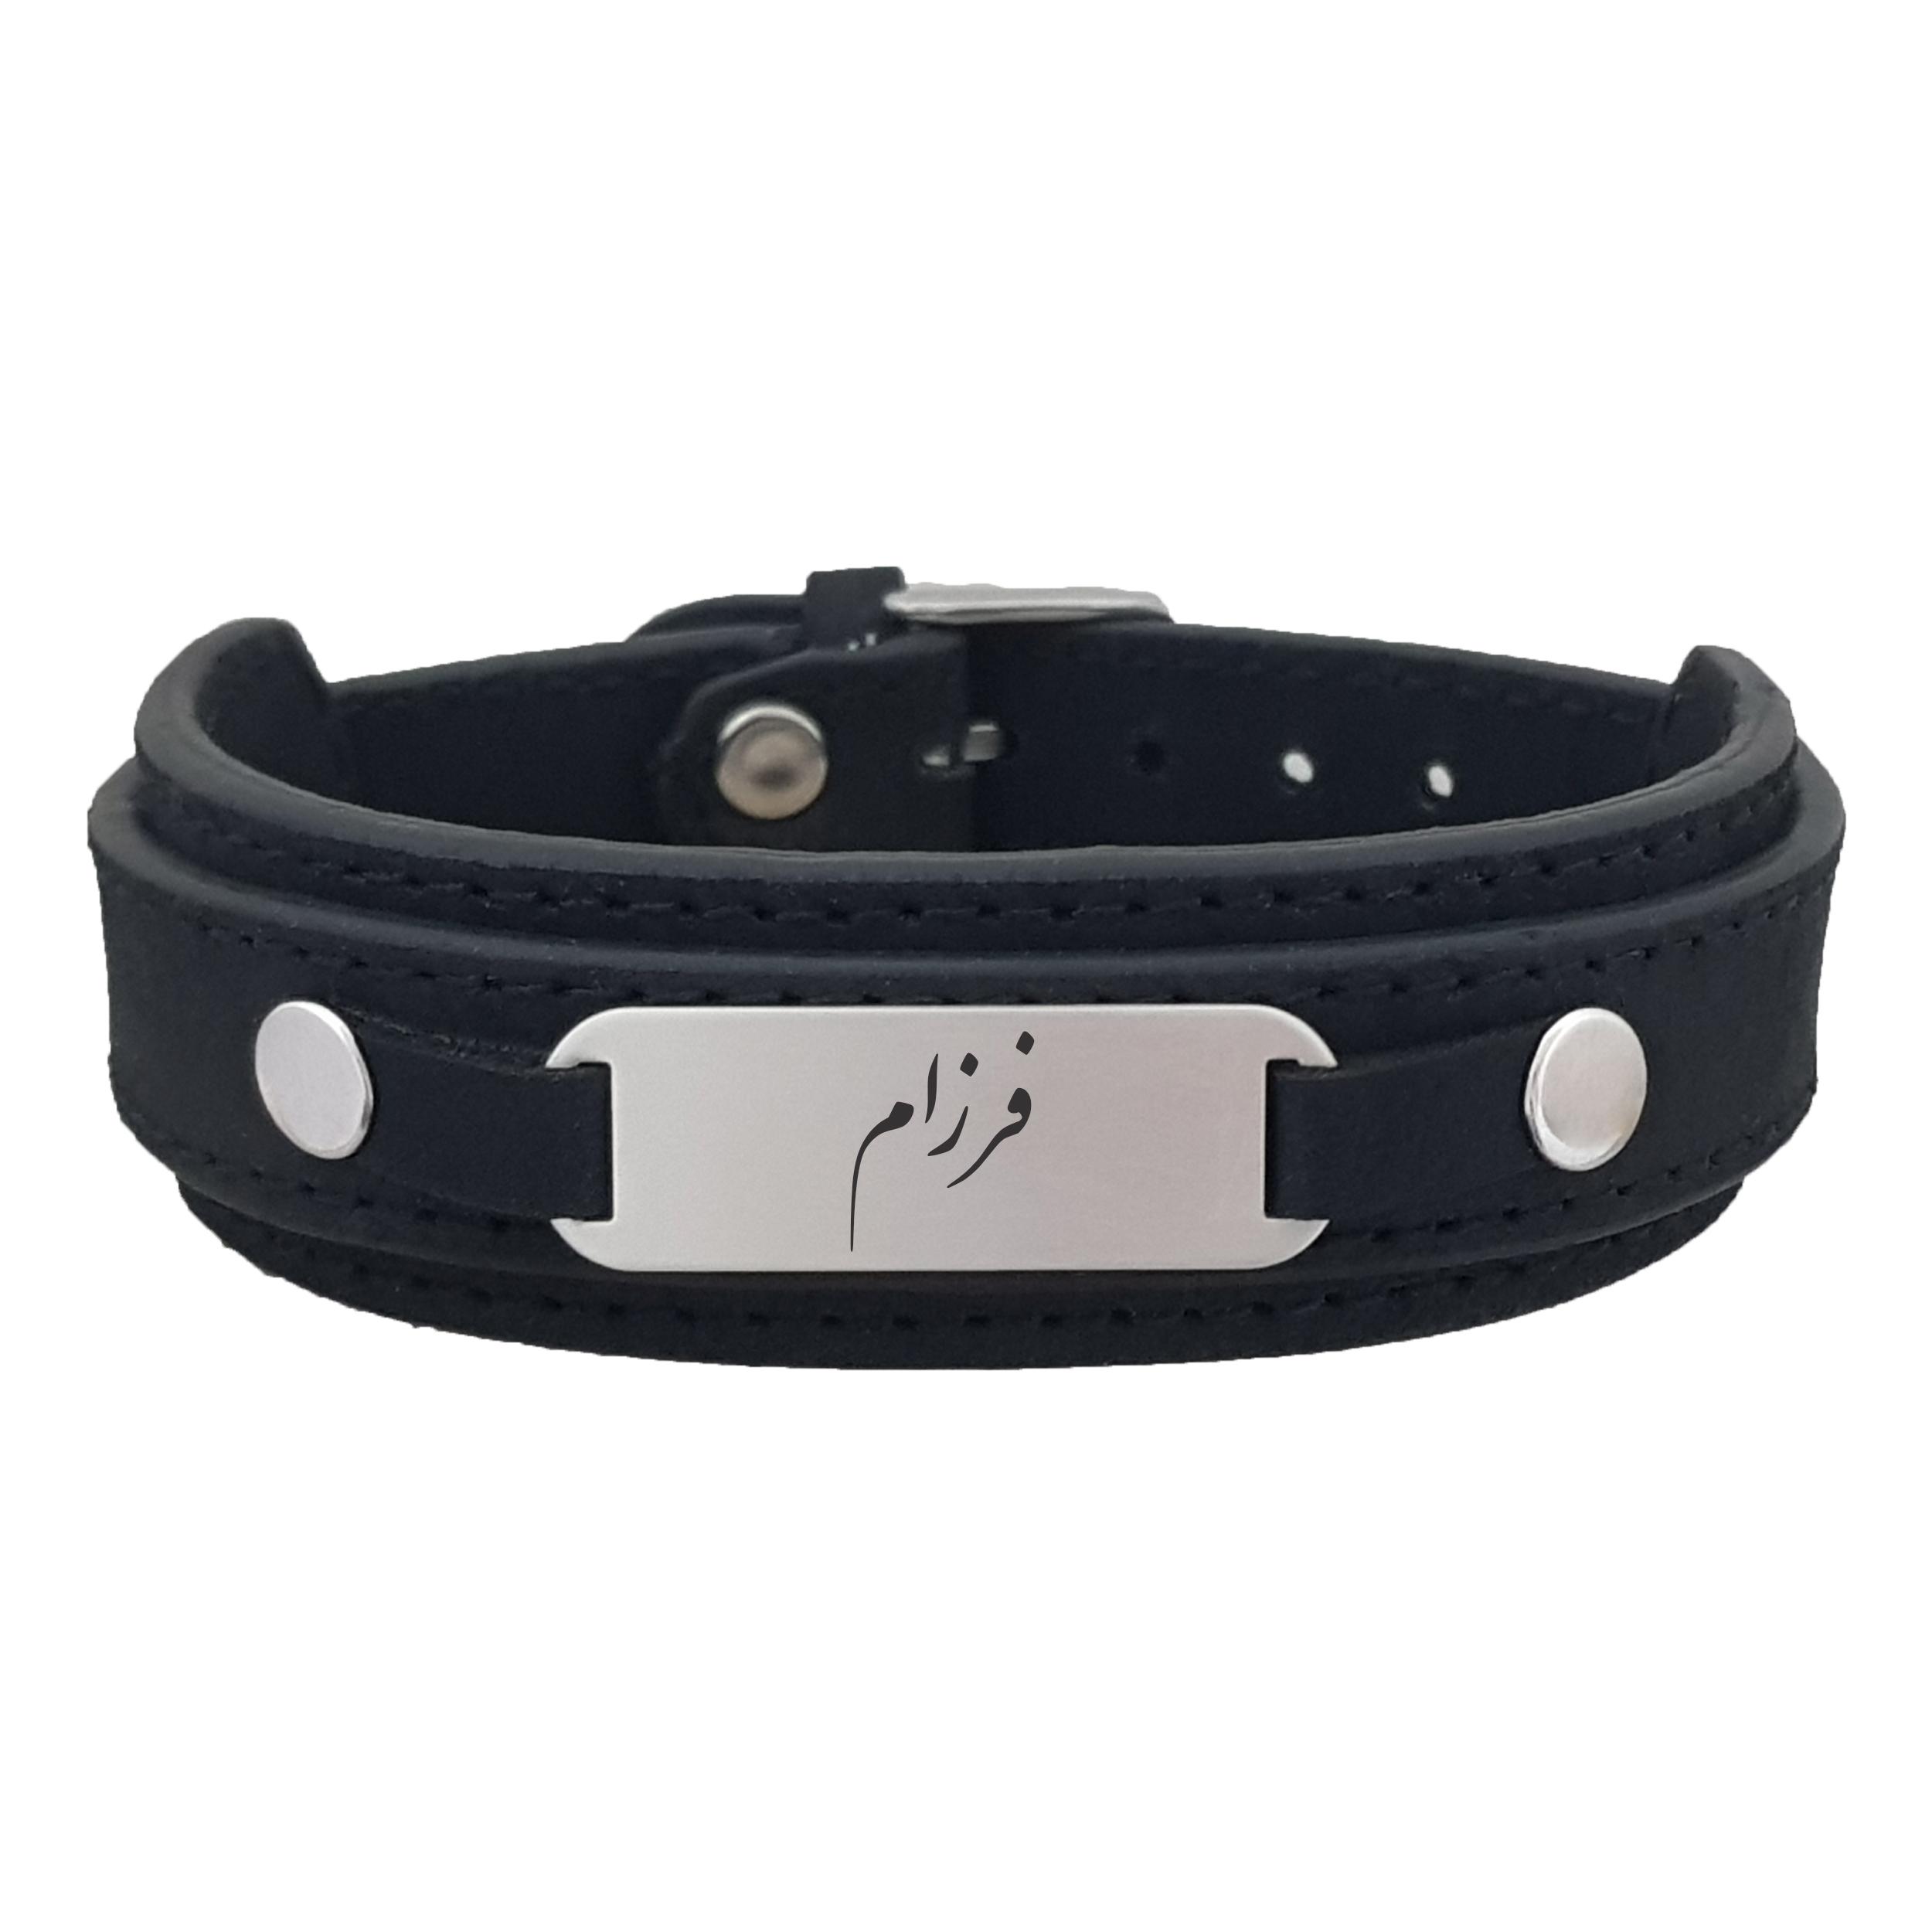 دستبند نقره مردانه ترمه ۱ مدل فرزام کد Dcsf0267